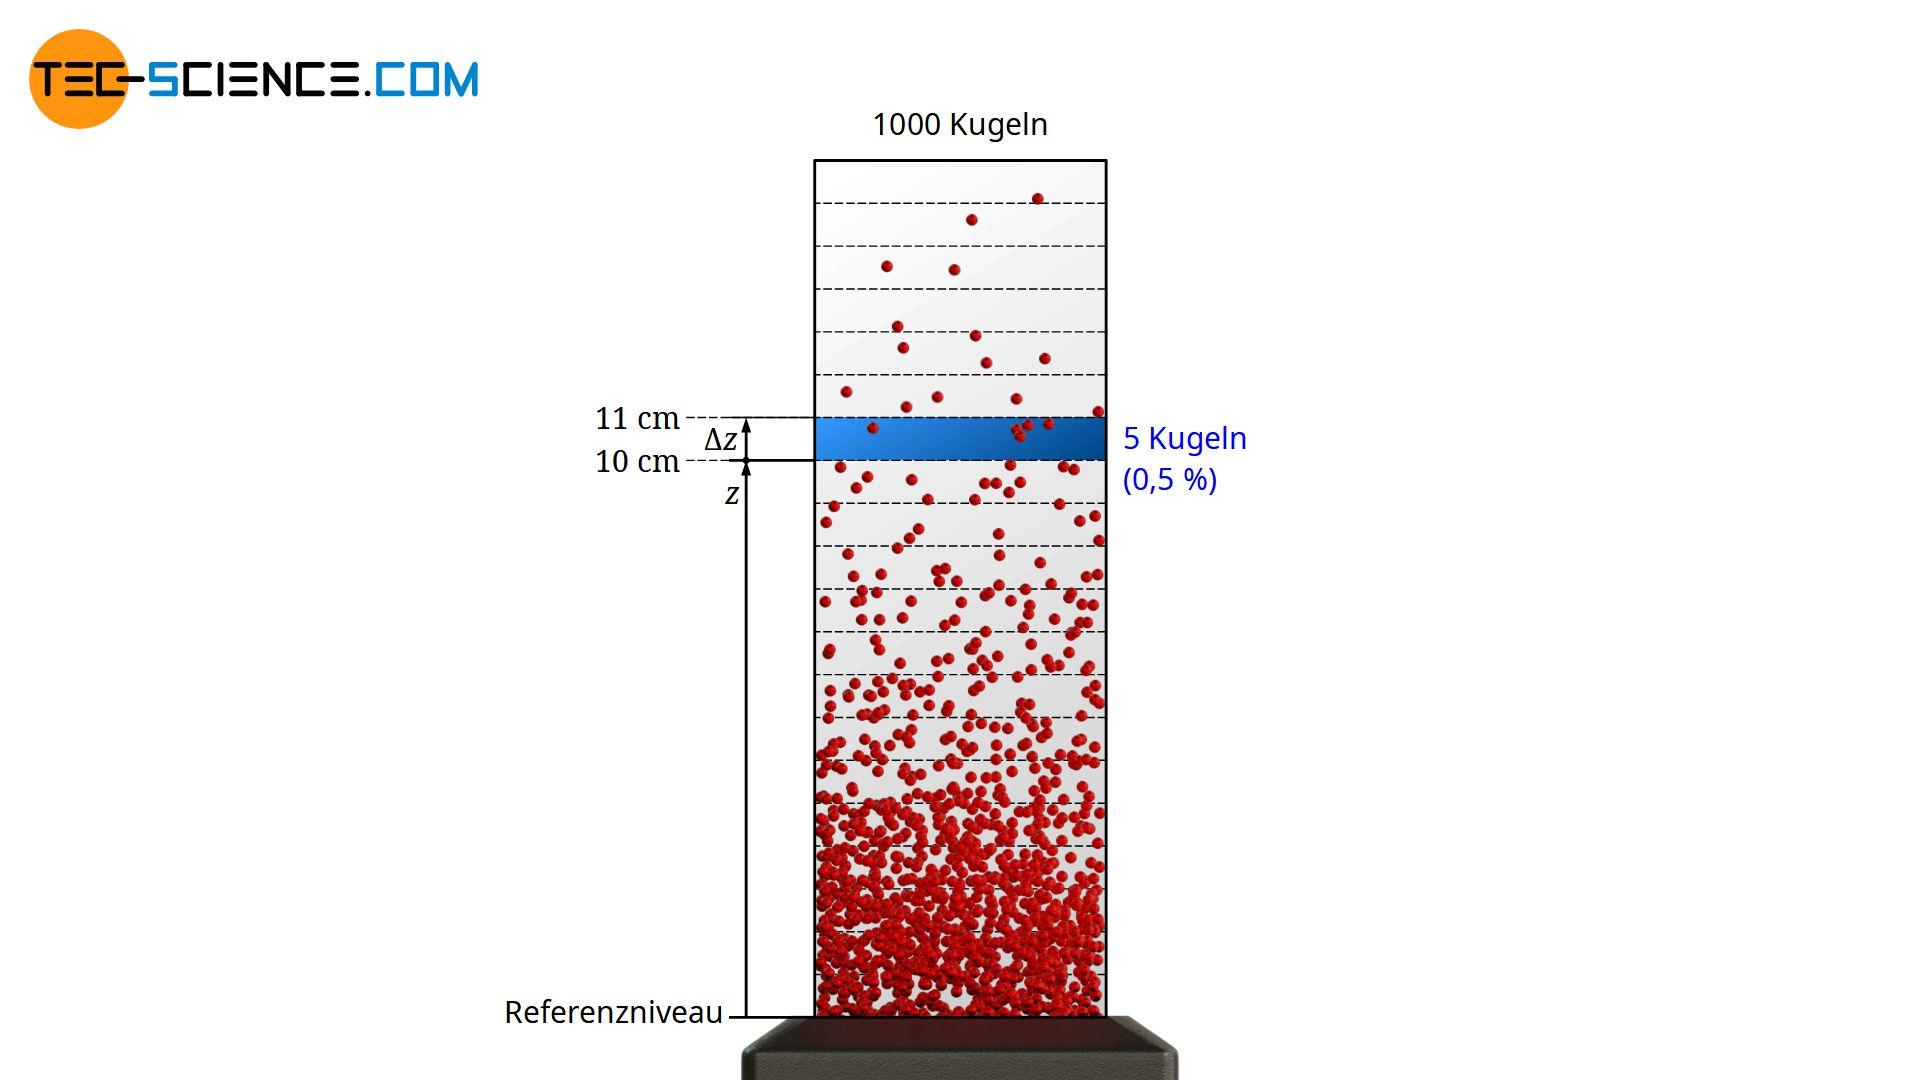 Verteilung der Kugeln in Abhängigkeit der Höhe